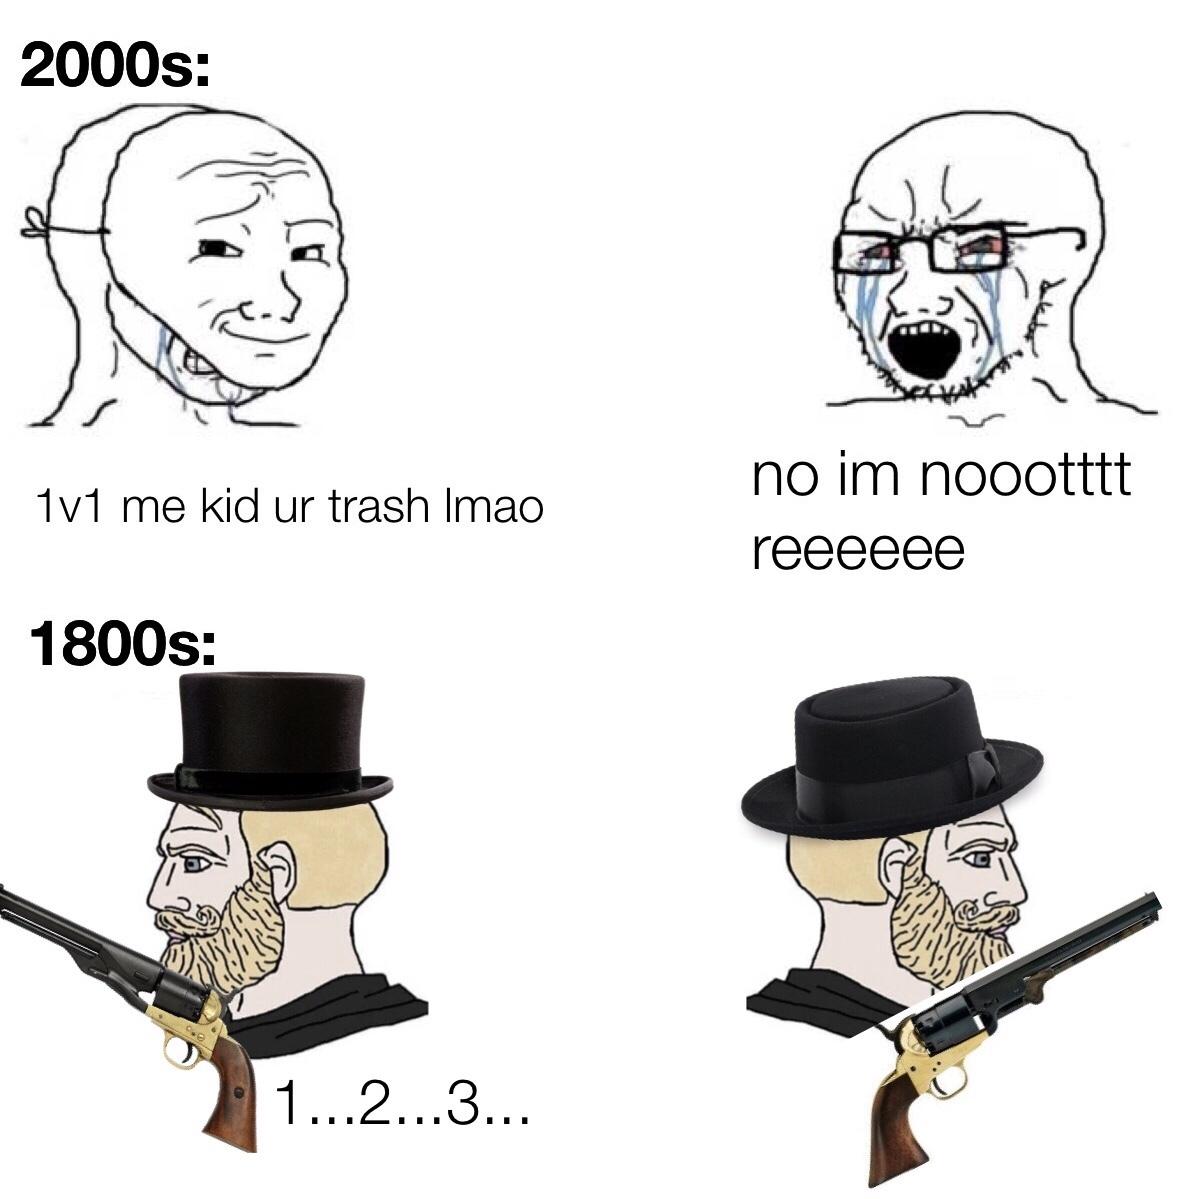 I spent >10min on this meme